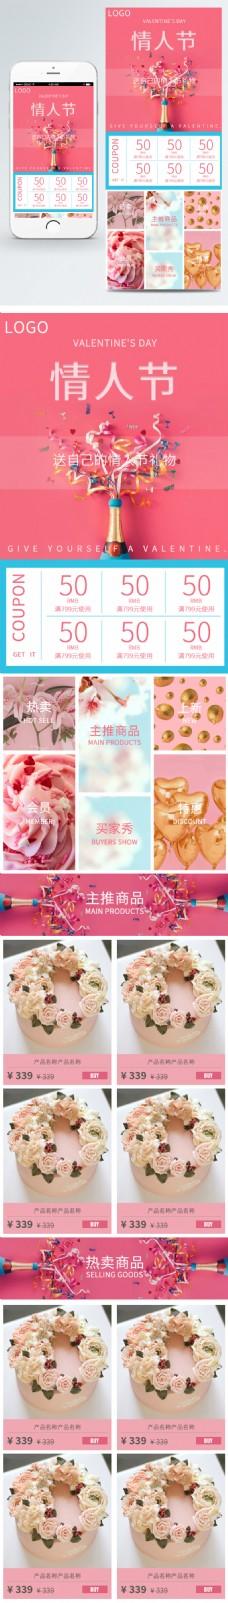 电商淘宝情人节蛋糕粉色无线端手机端首页